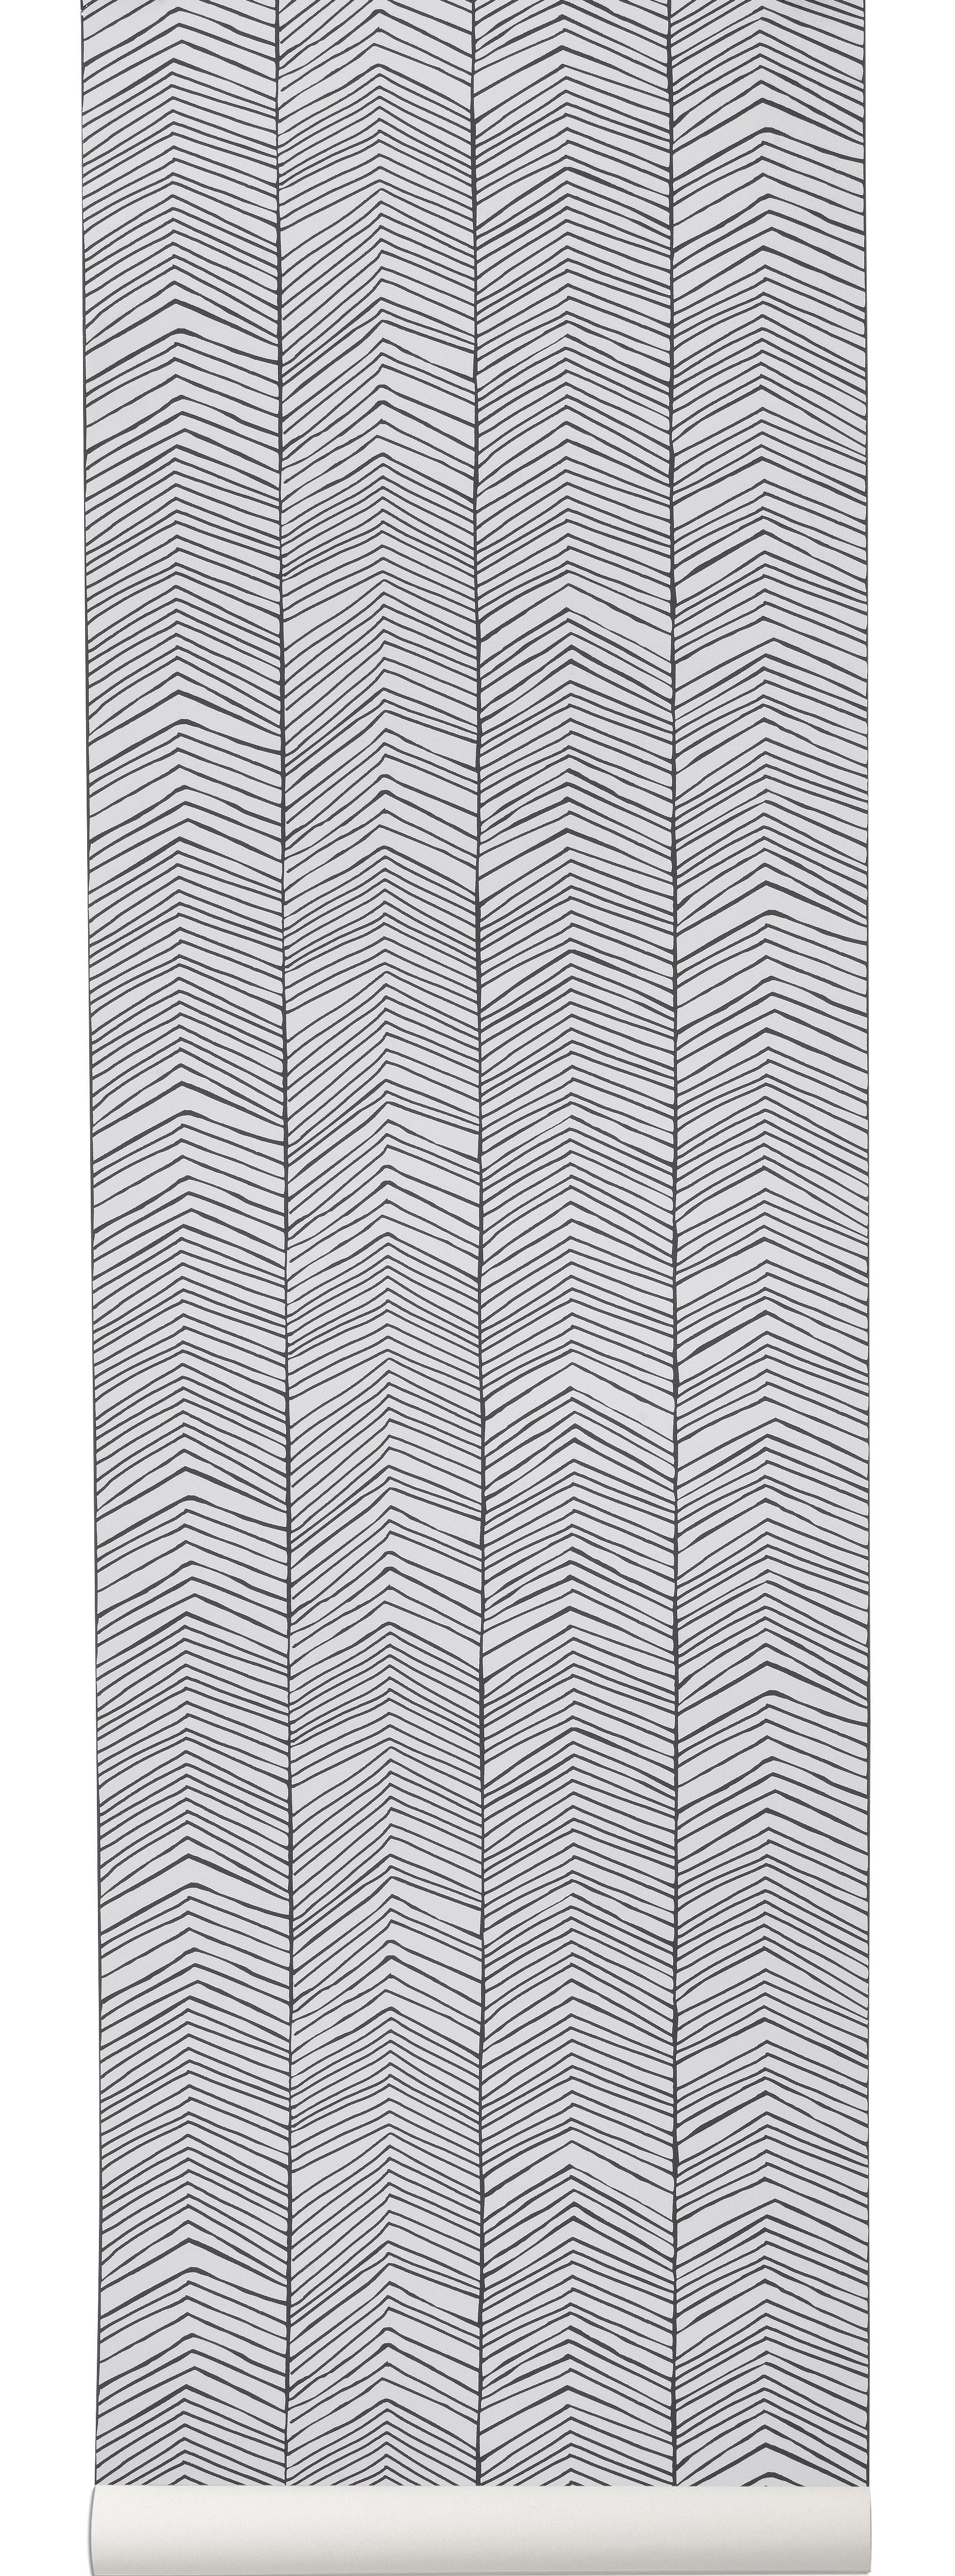 Déco - Stickers, papiers peints & posters - Papier peint Herringbone / 1 rouleau - Larg 53 cm - Ferm Living - Noir & blanc - Toile